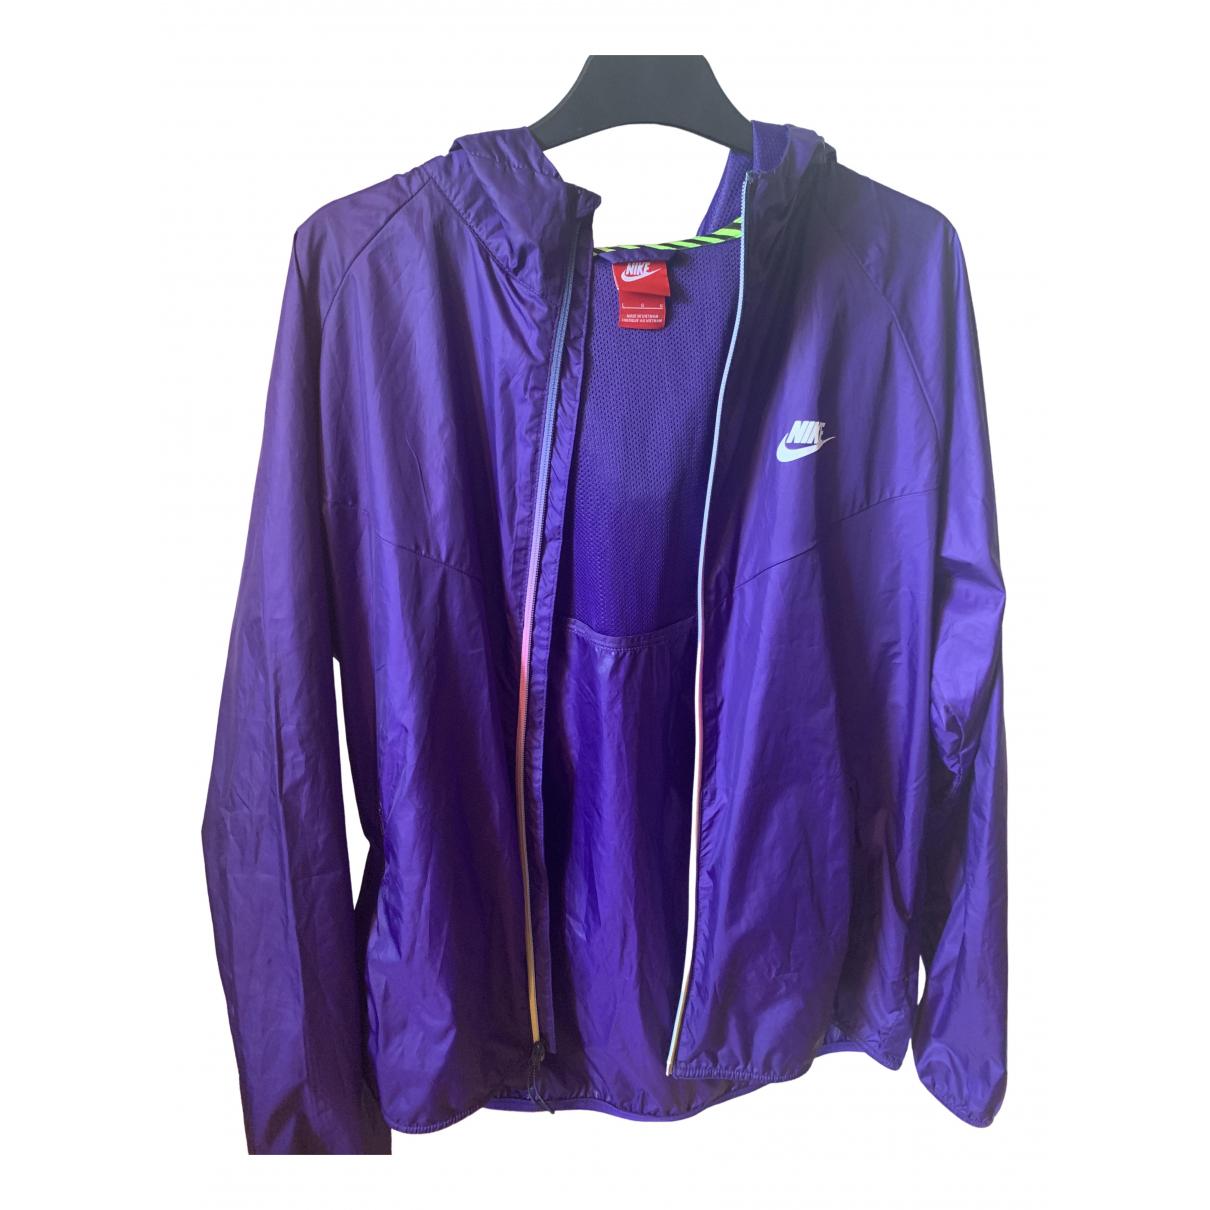 Nike - Vestes.Blousons   pour homme - violet